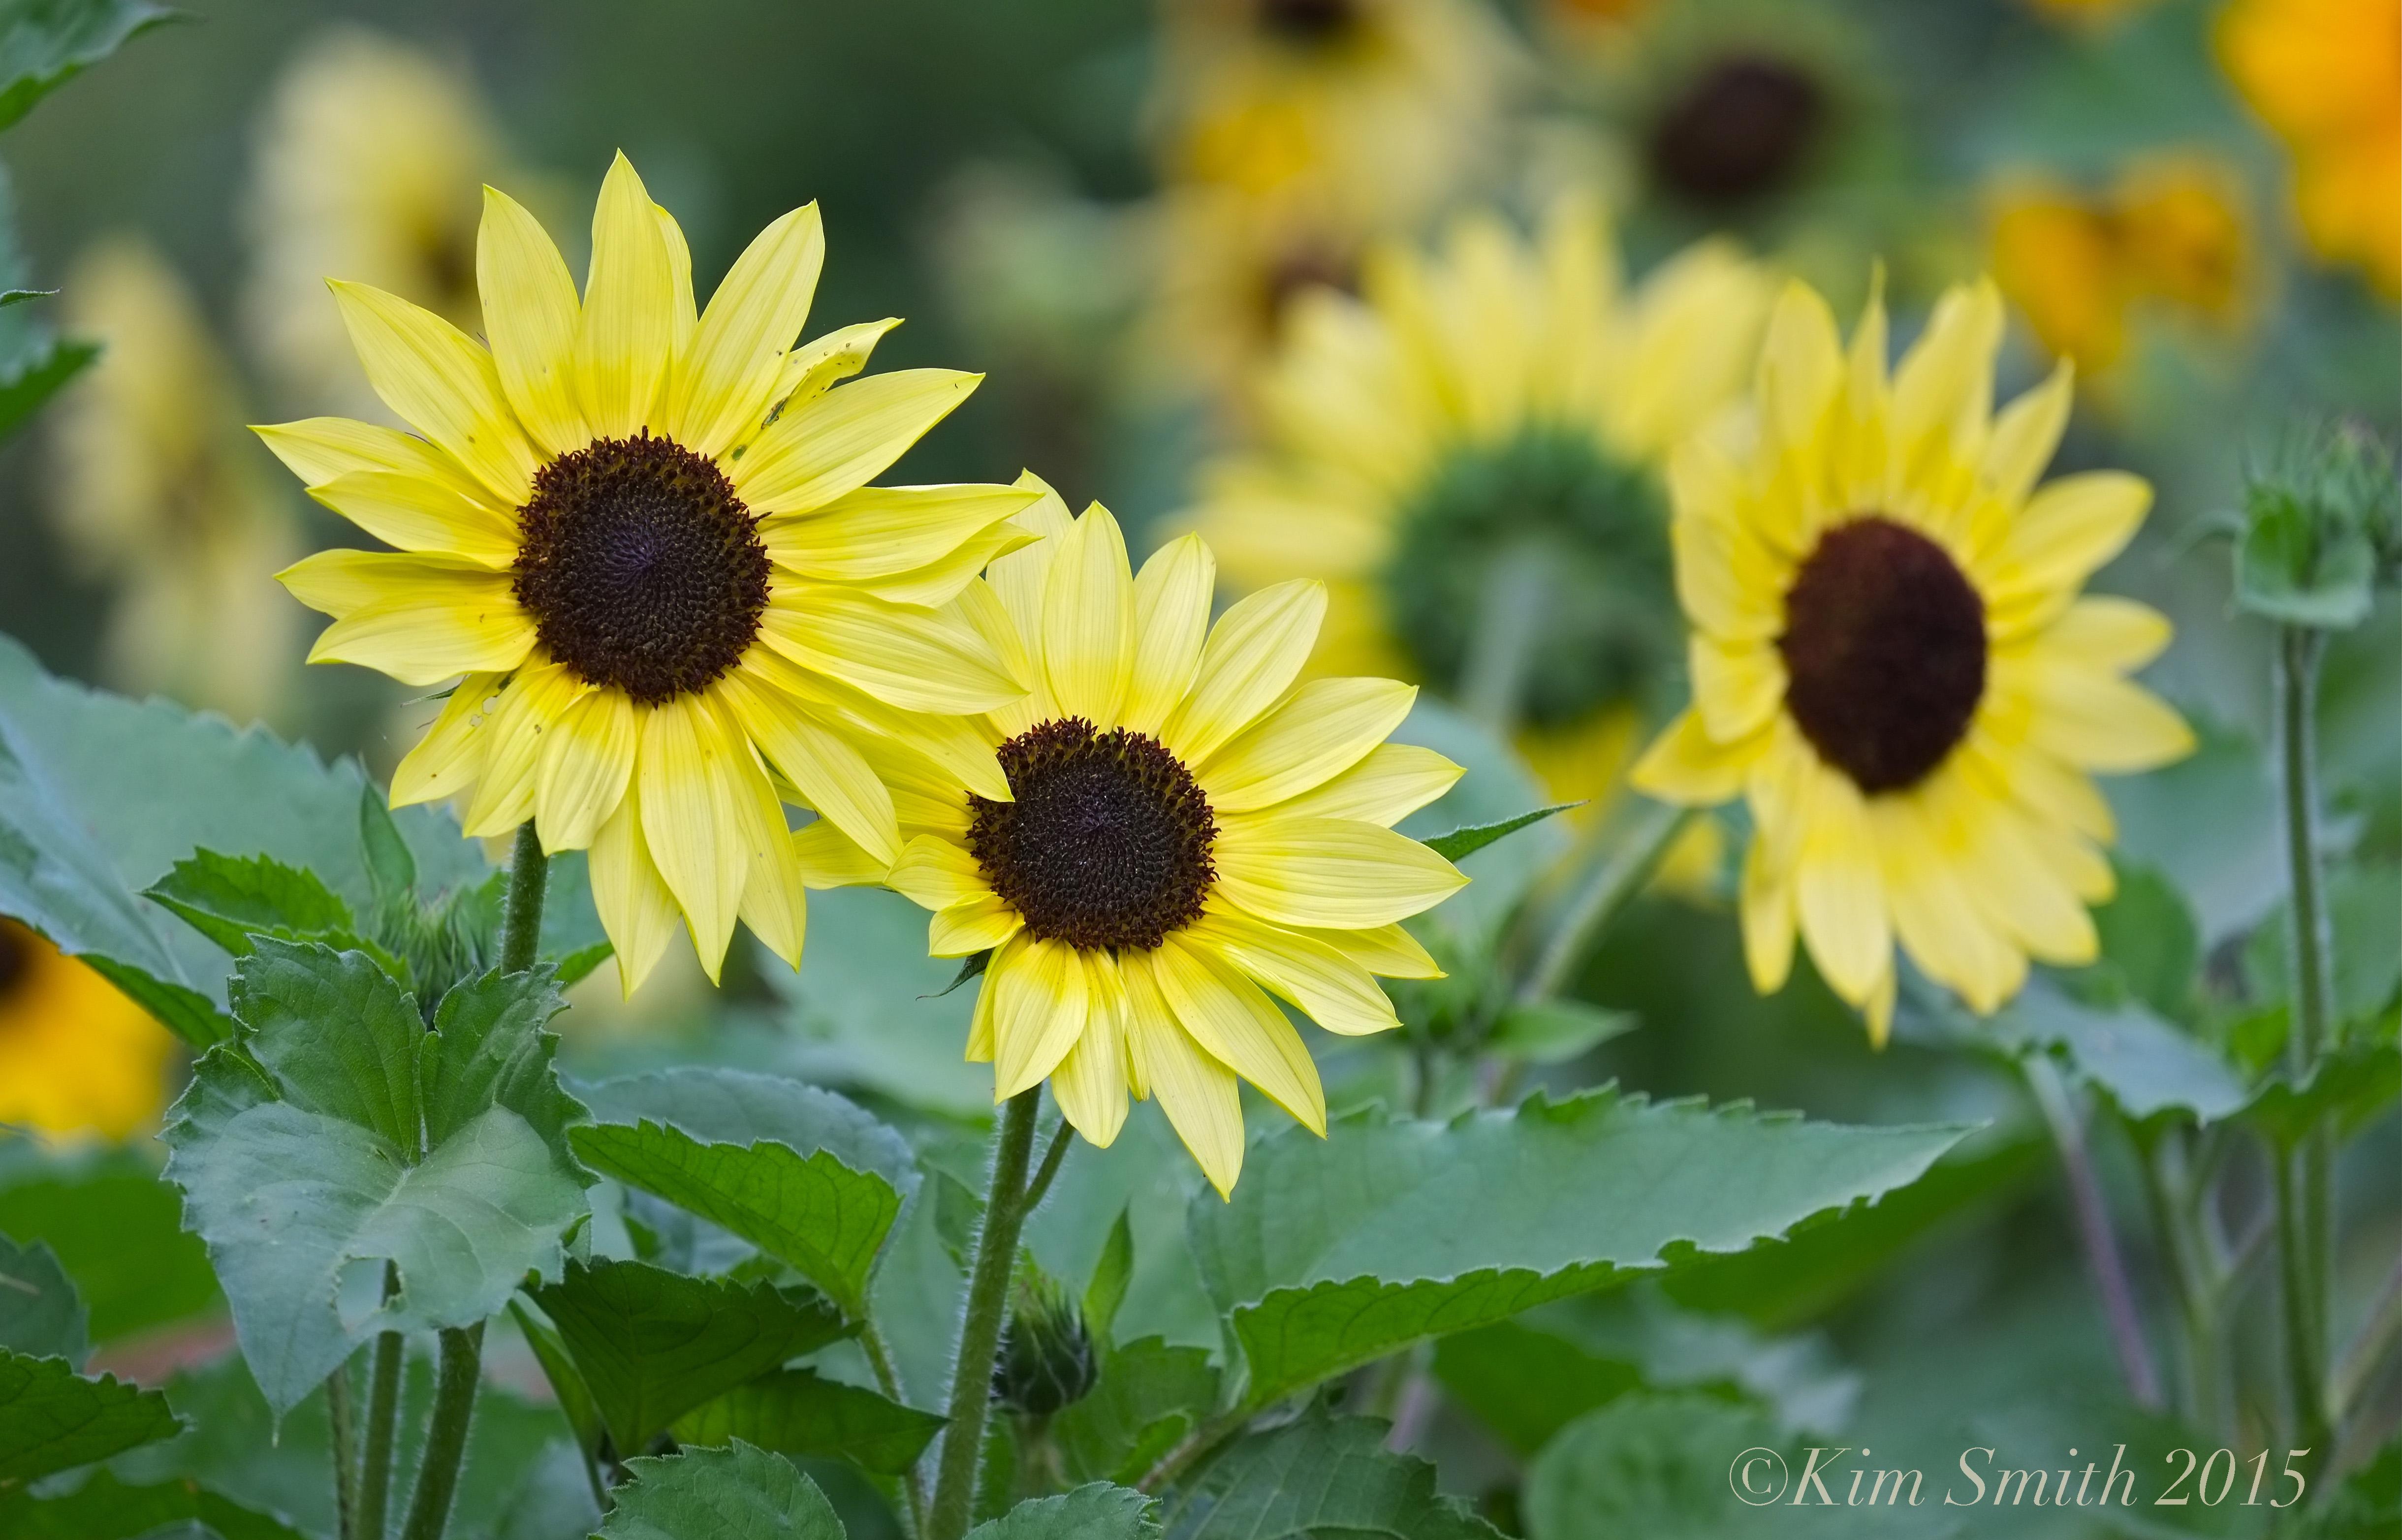 Sunflowers Cabot Farm Salem ©Kim Smith 2015